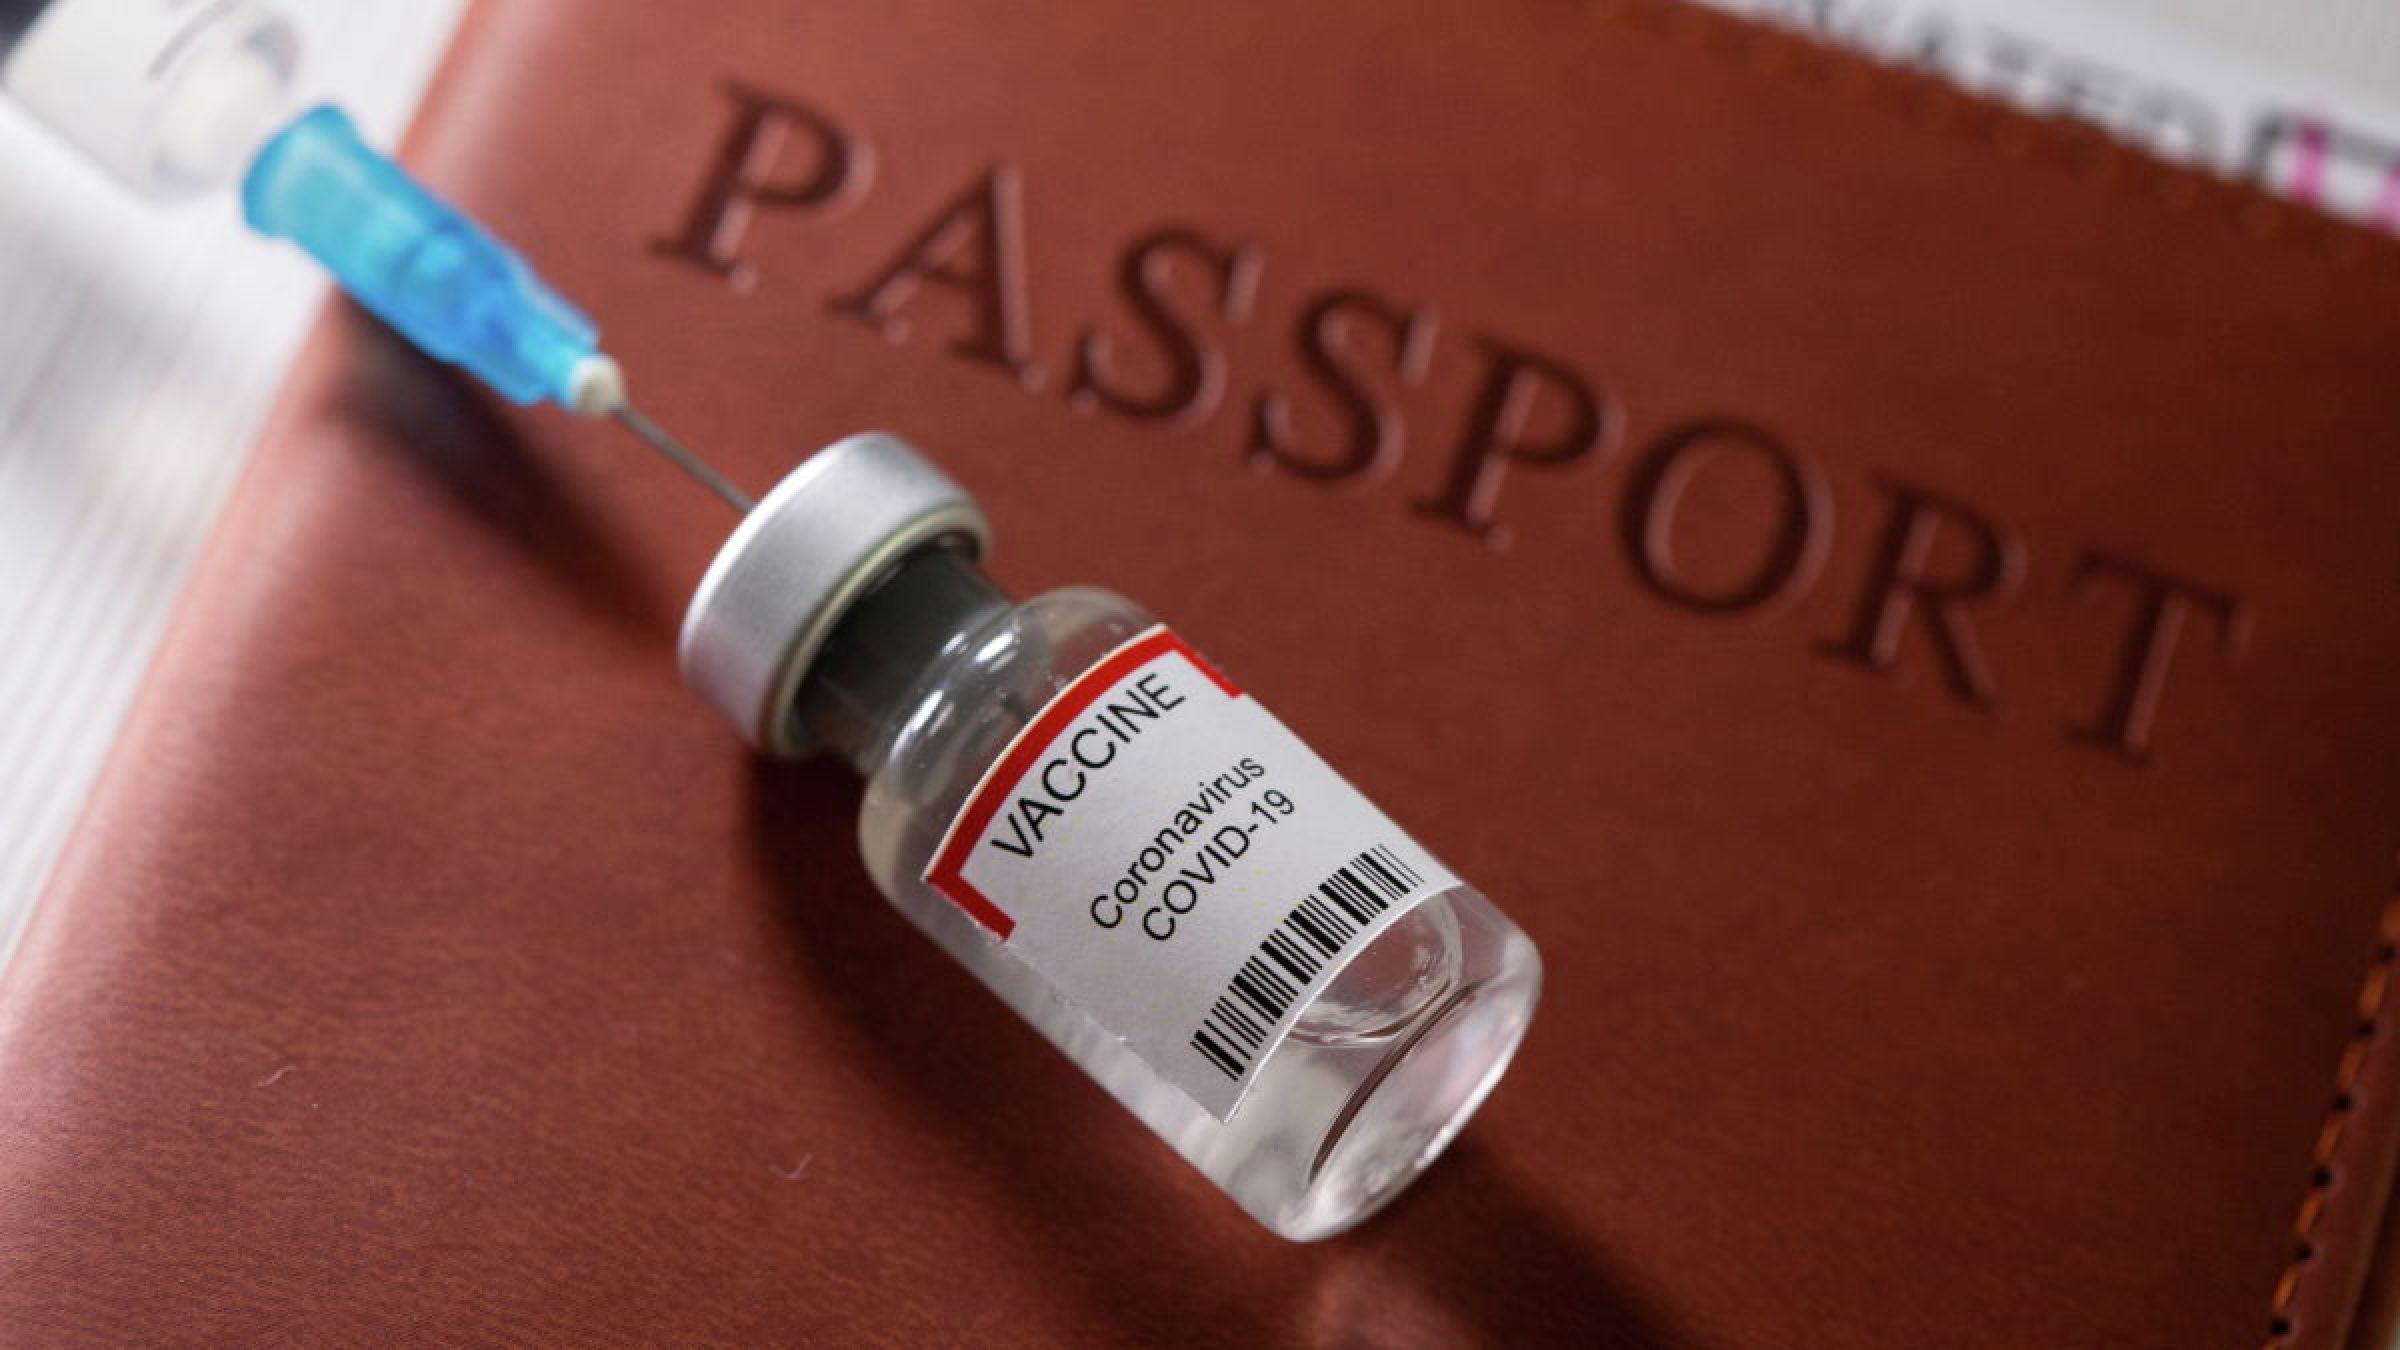 В Восточно-Казахстанской области выявлена подделка паспорта вакцинации Sputnik